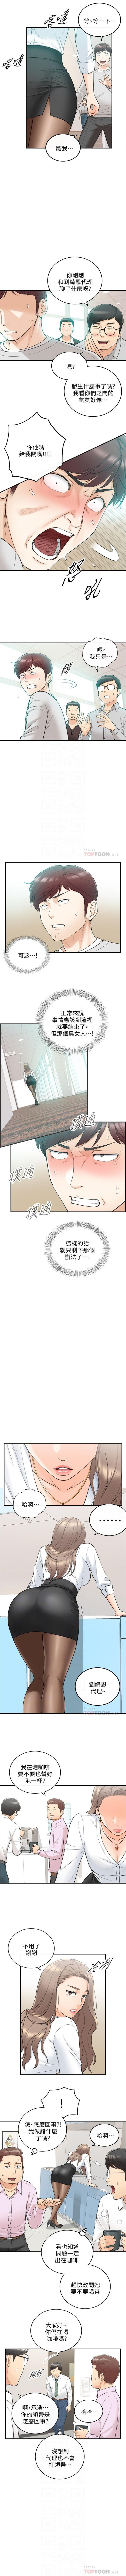 (週5)正妹小主管 1-39 中文翻譯(更新中) 199